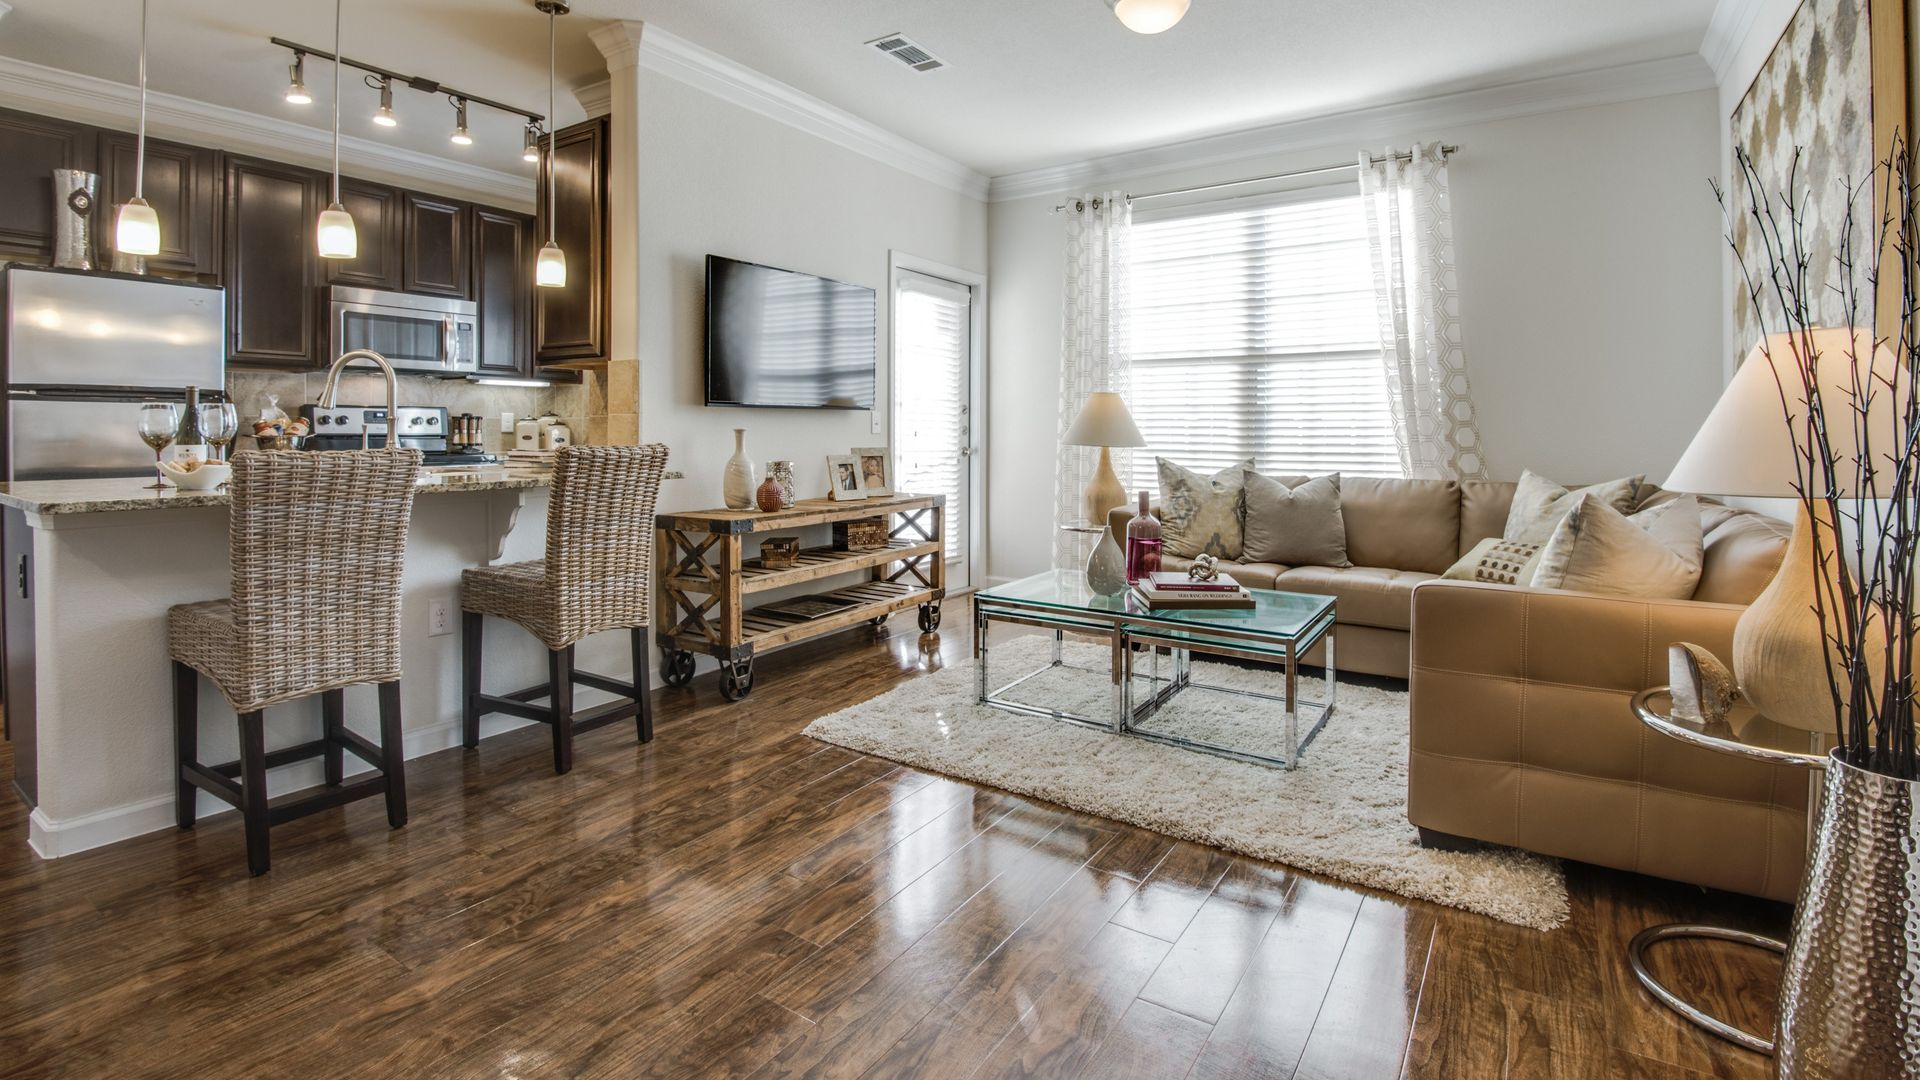 1 bed apartment at Denton County, TX 75068, USA | #7637082 ...